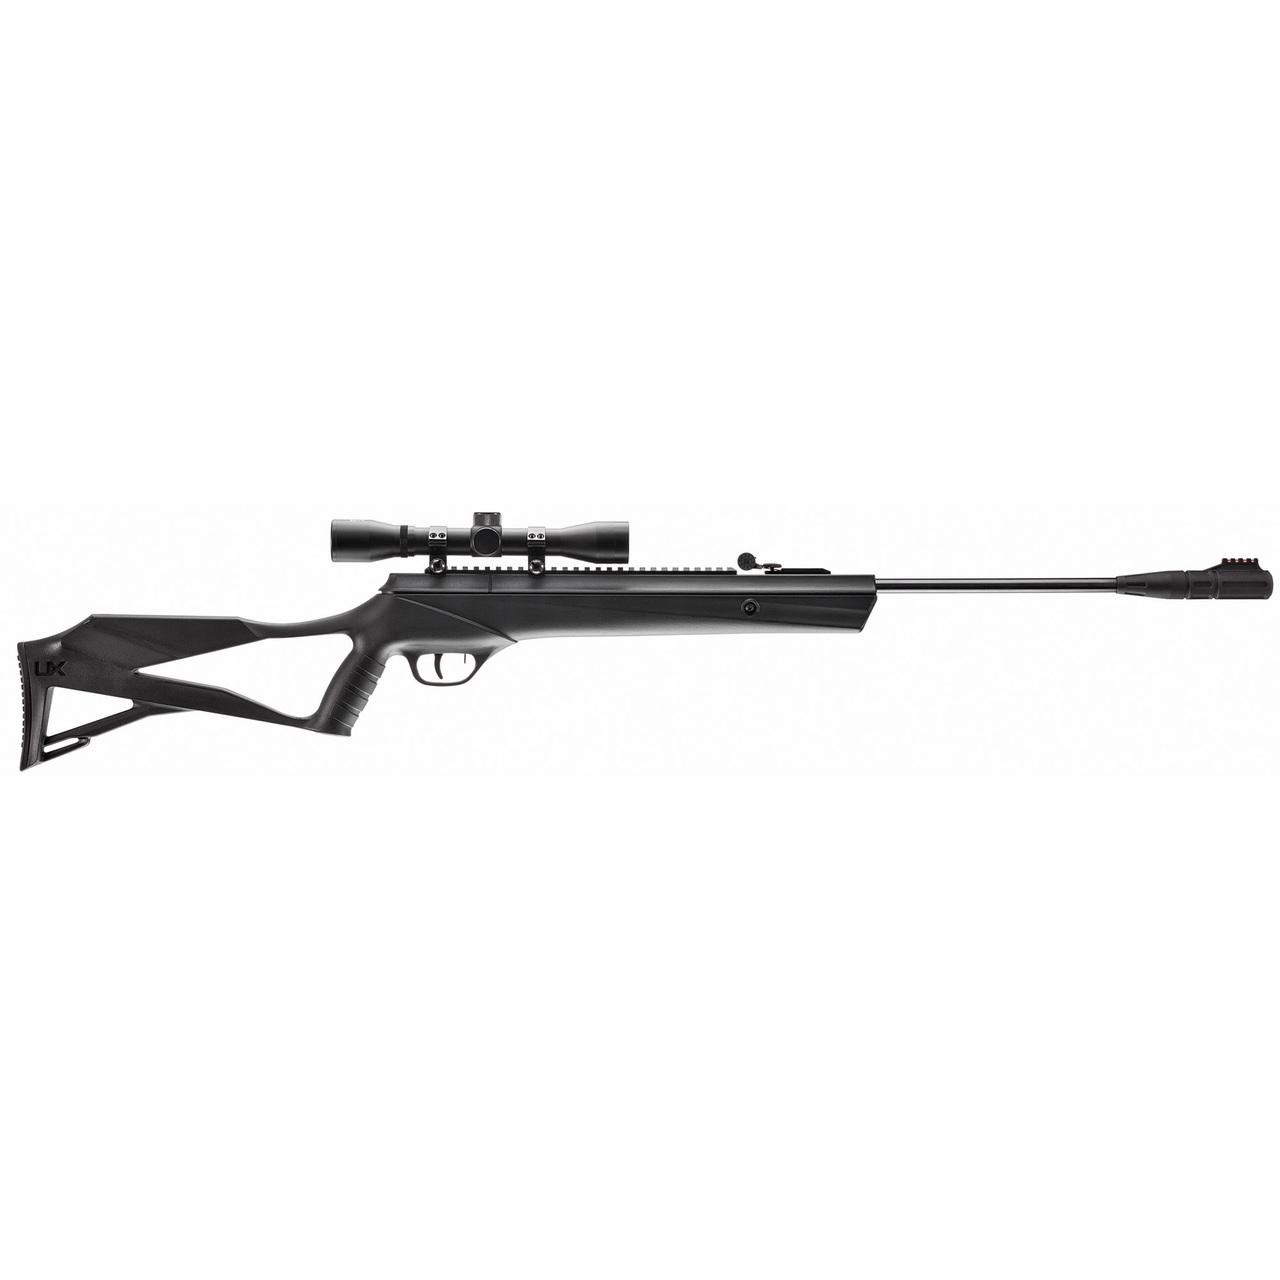 Umarex SurgeMax Elite Combo .177 Air Rifle